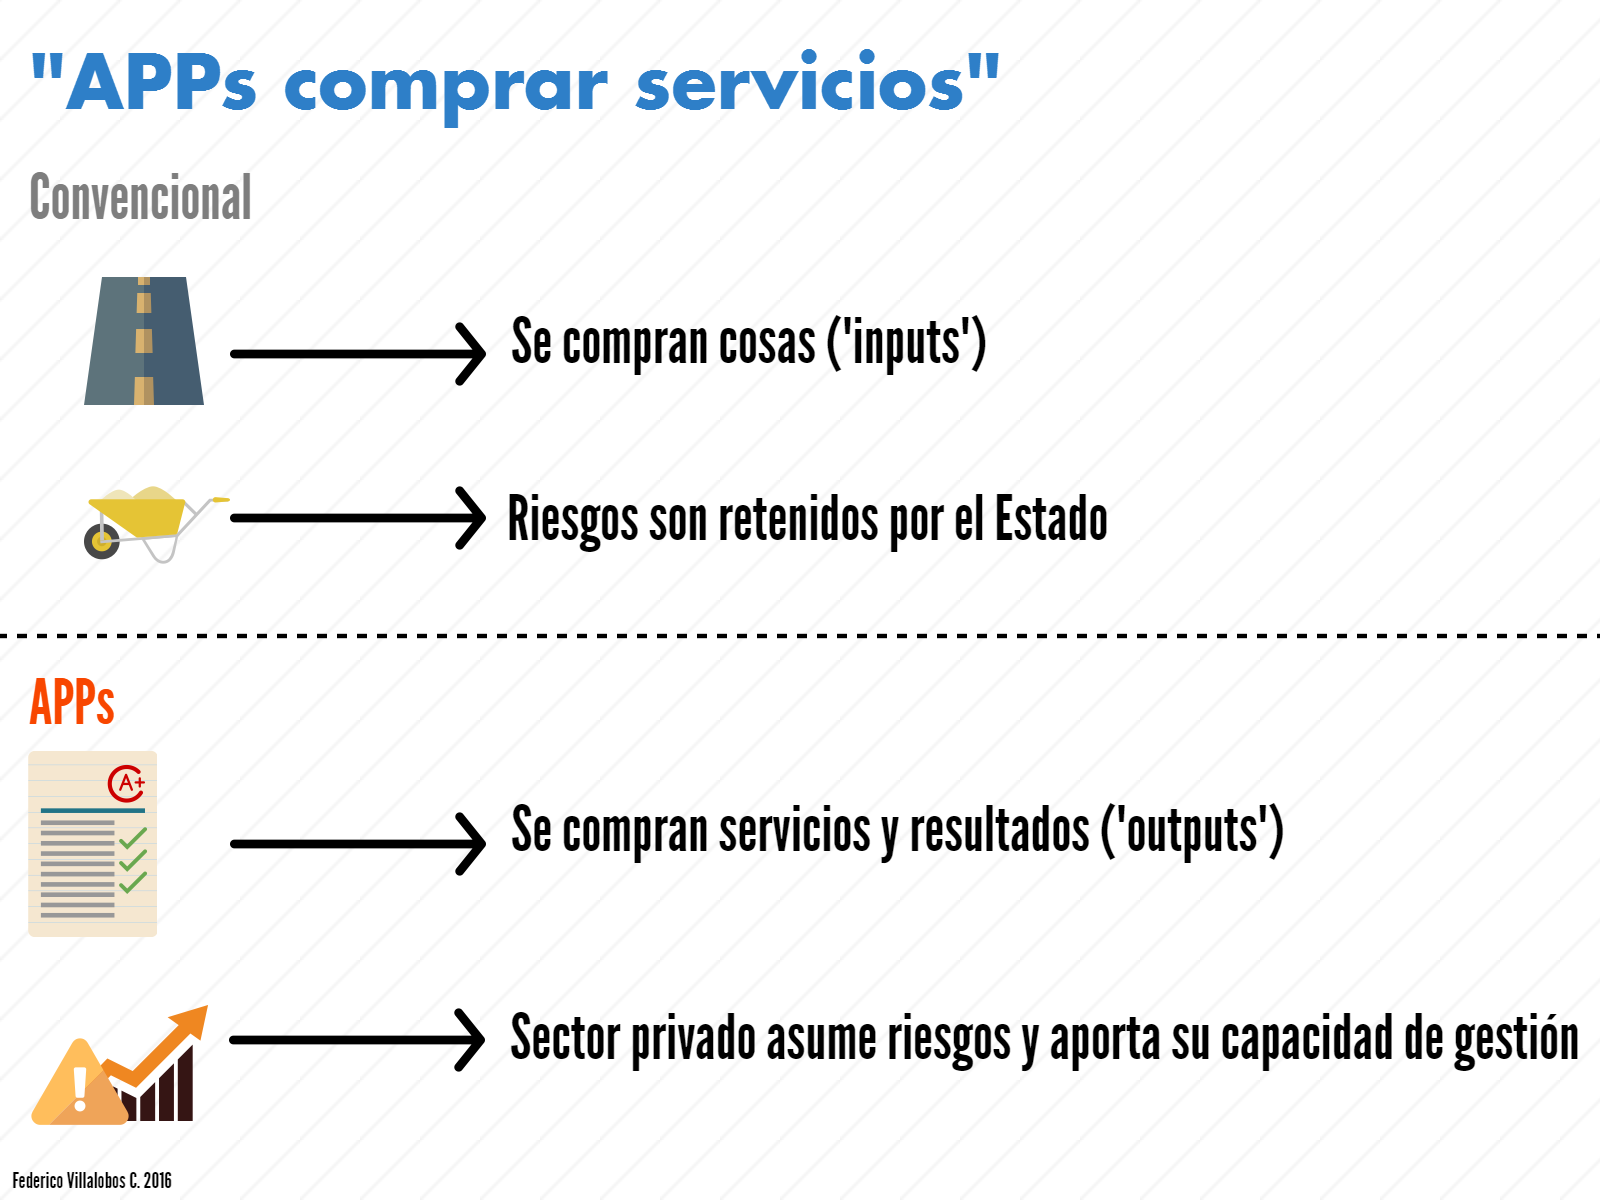 Convencional vs APP